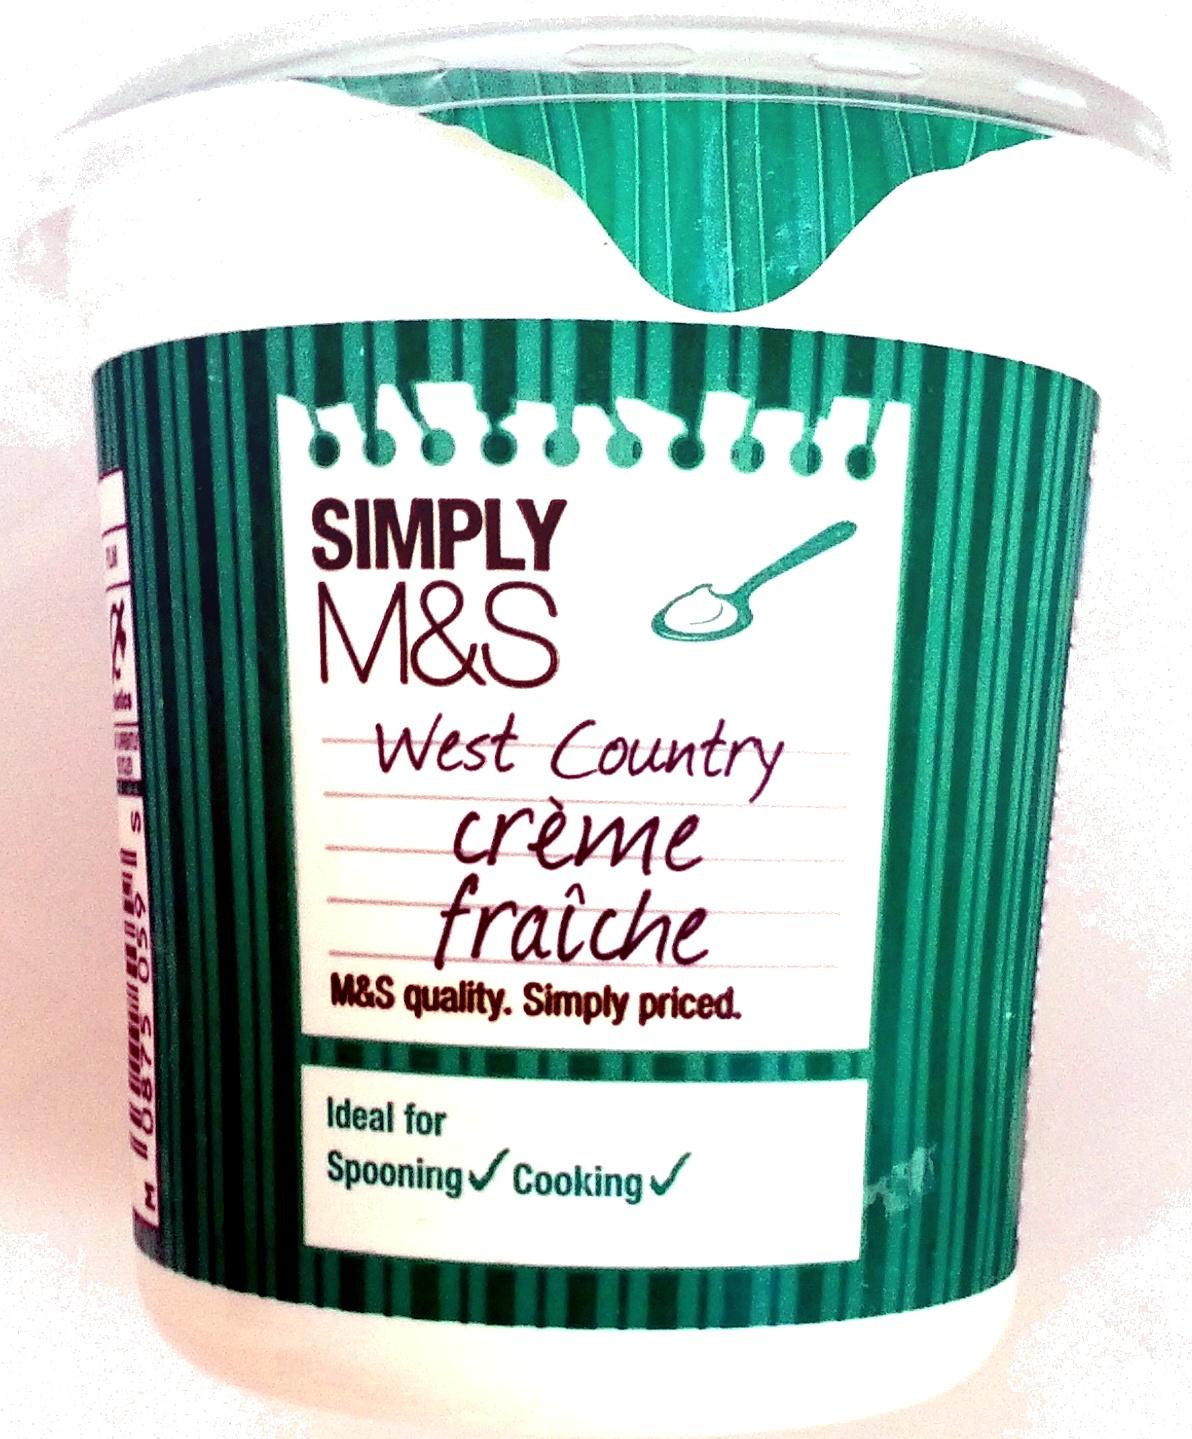 West Country Crème Fraîche - Product